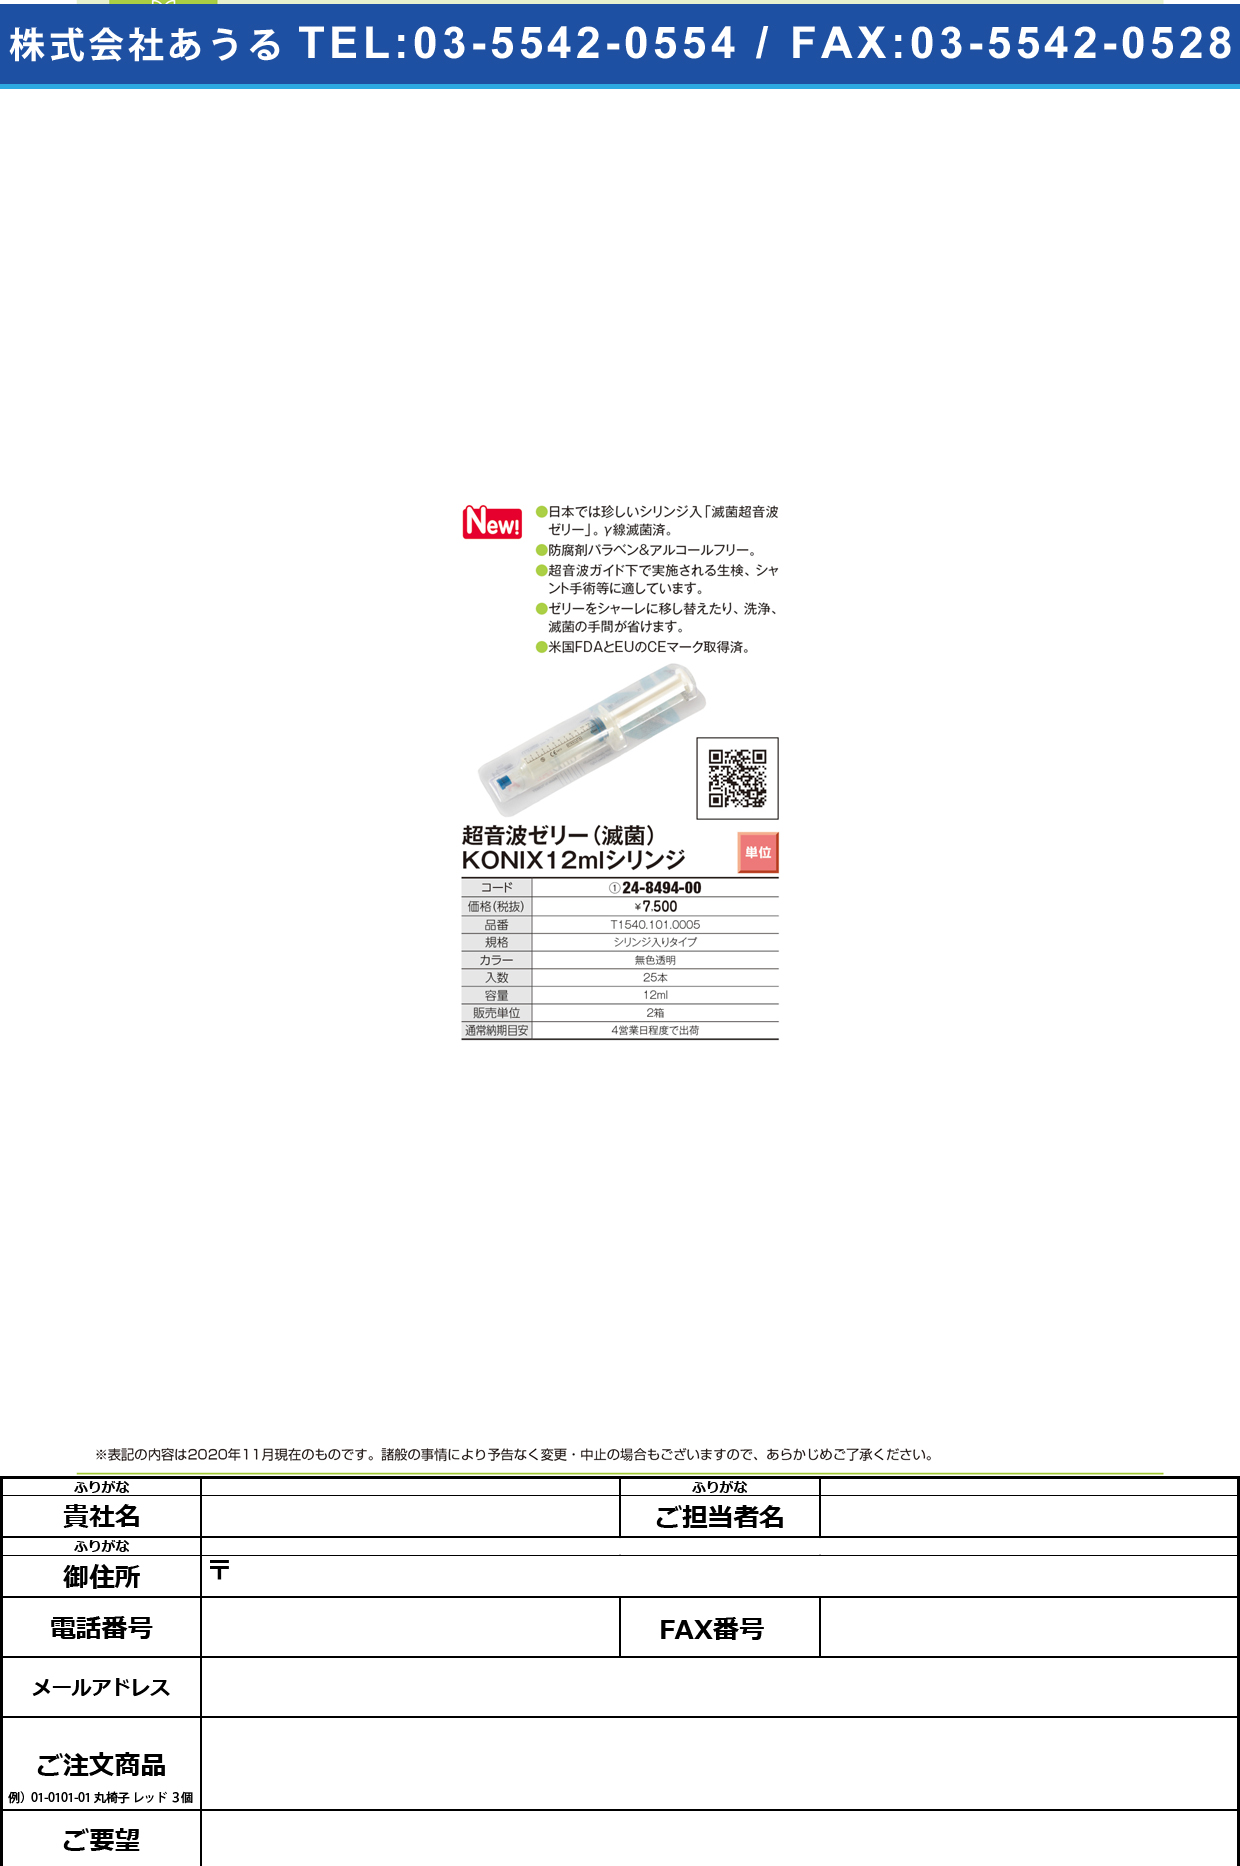 超音波ゼリー(滅菌)シリンジ入り 12MLシリンジX25ホン12MLシリンジX25ホン(24-8494-00)【インテグラル】(販売単位:2)